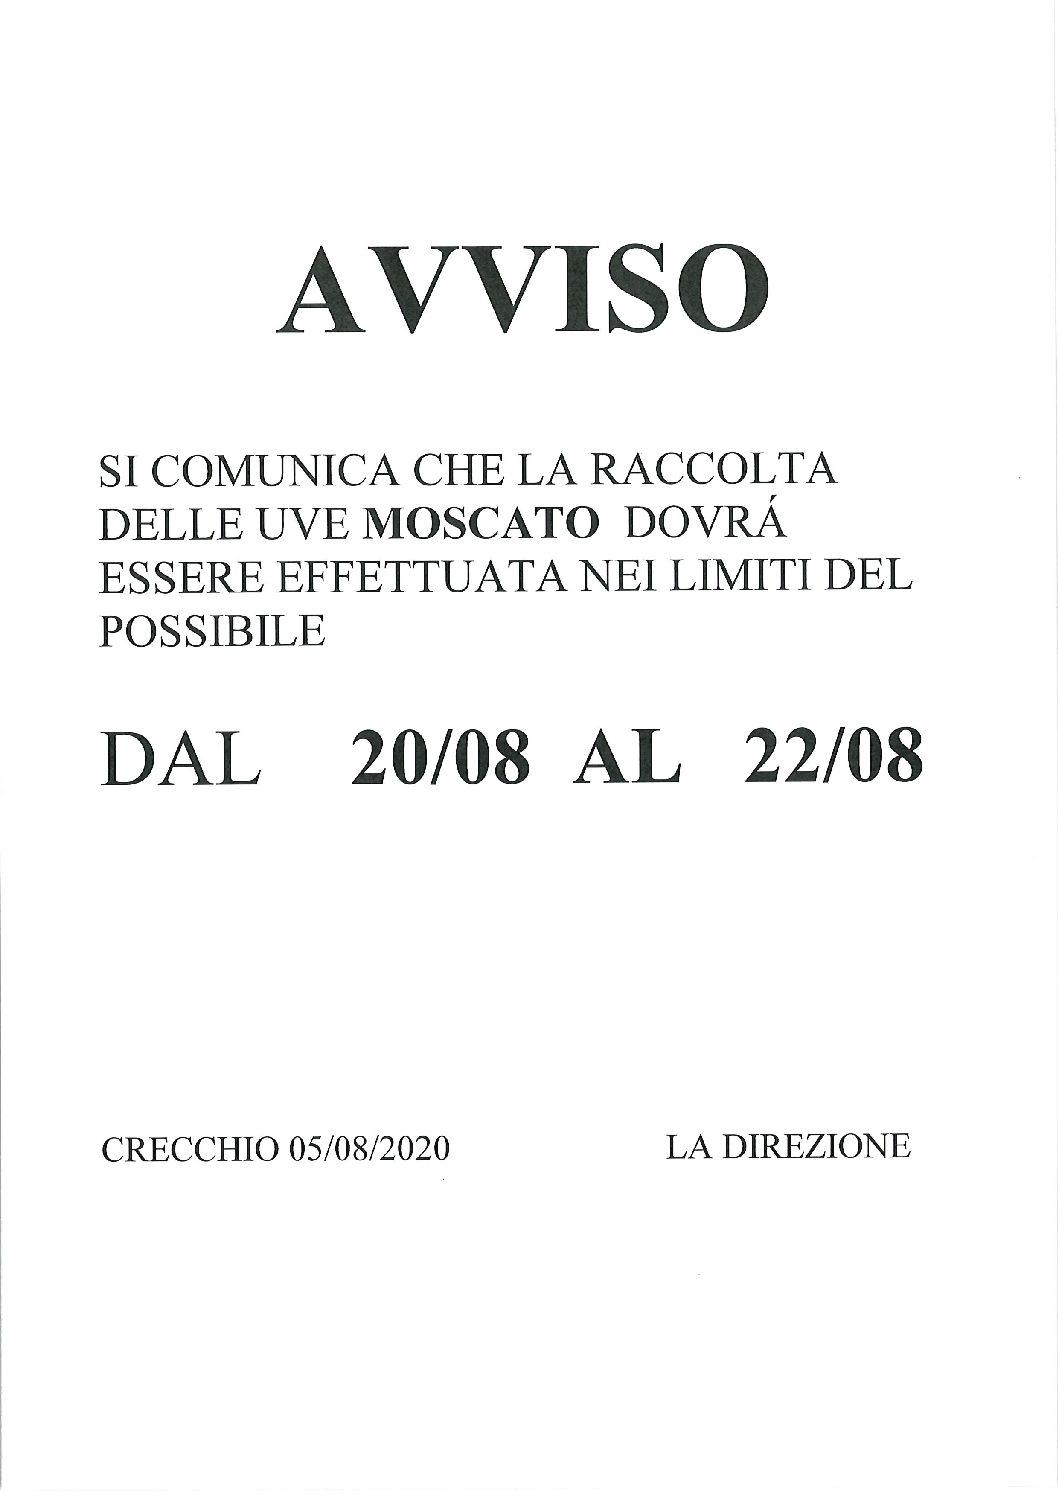 AVVISO RACCOLTA MOSCATO